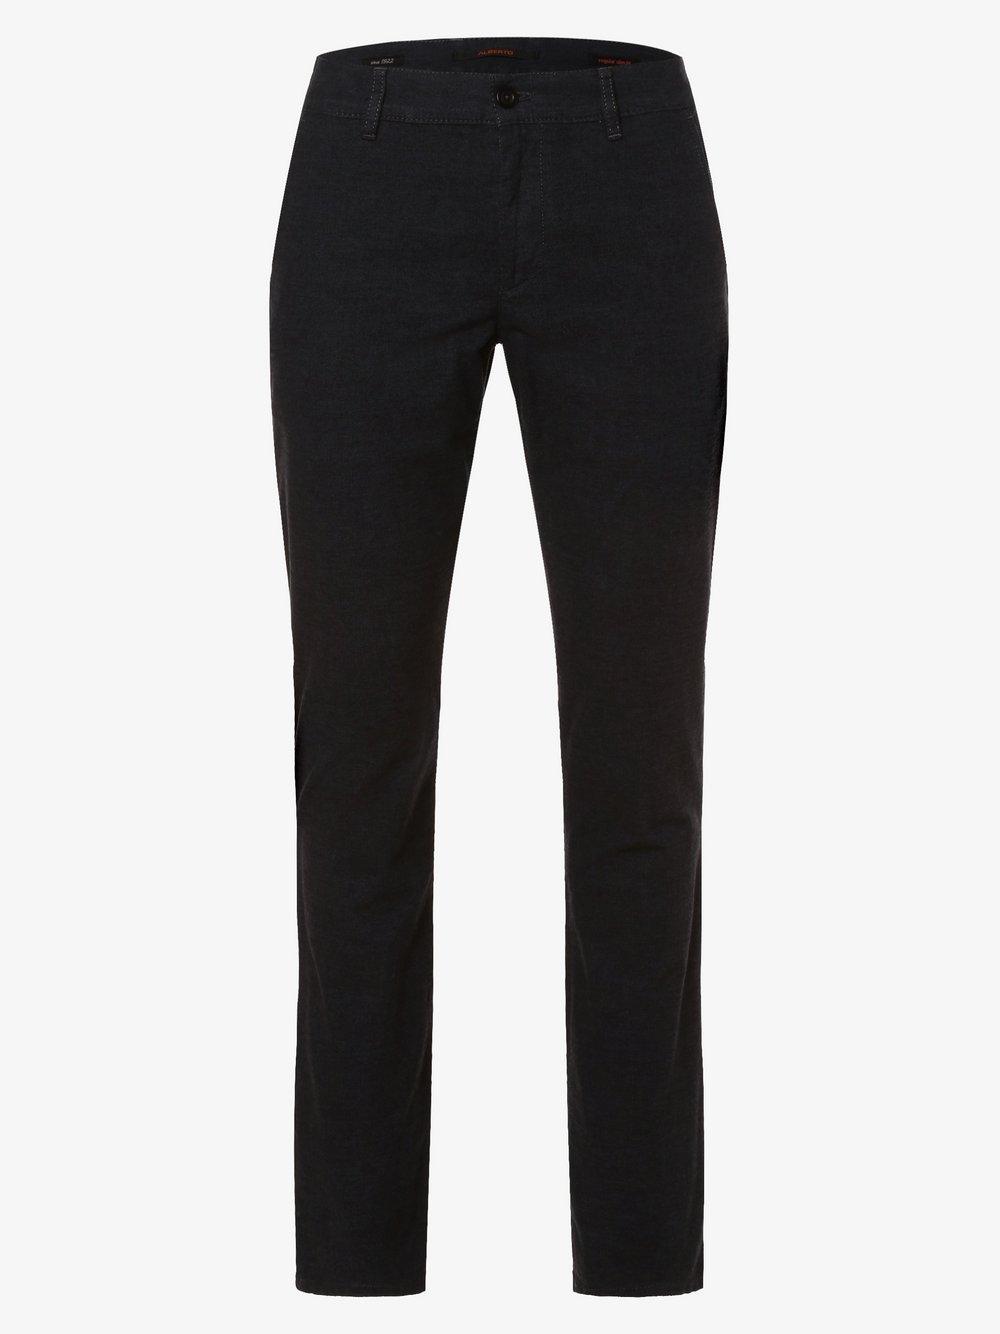 Alberto – Spodnie męskie – Lou, niebieski Van Graaf 447216-0001